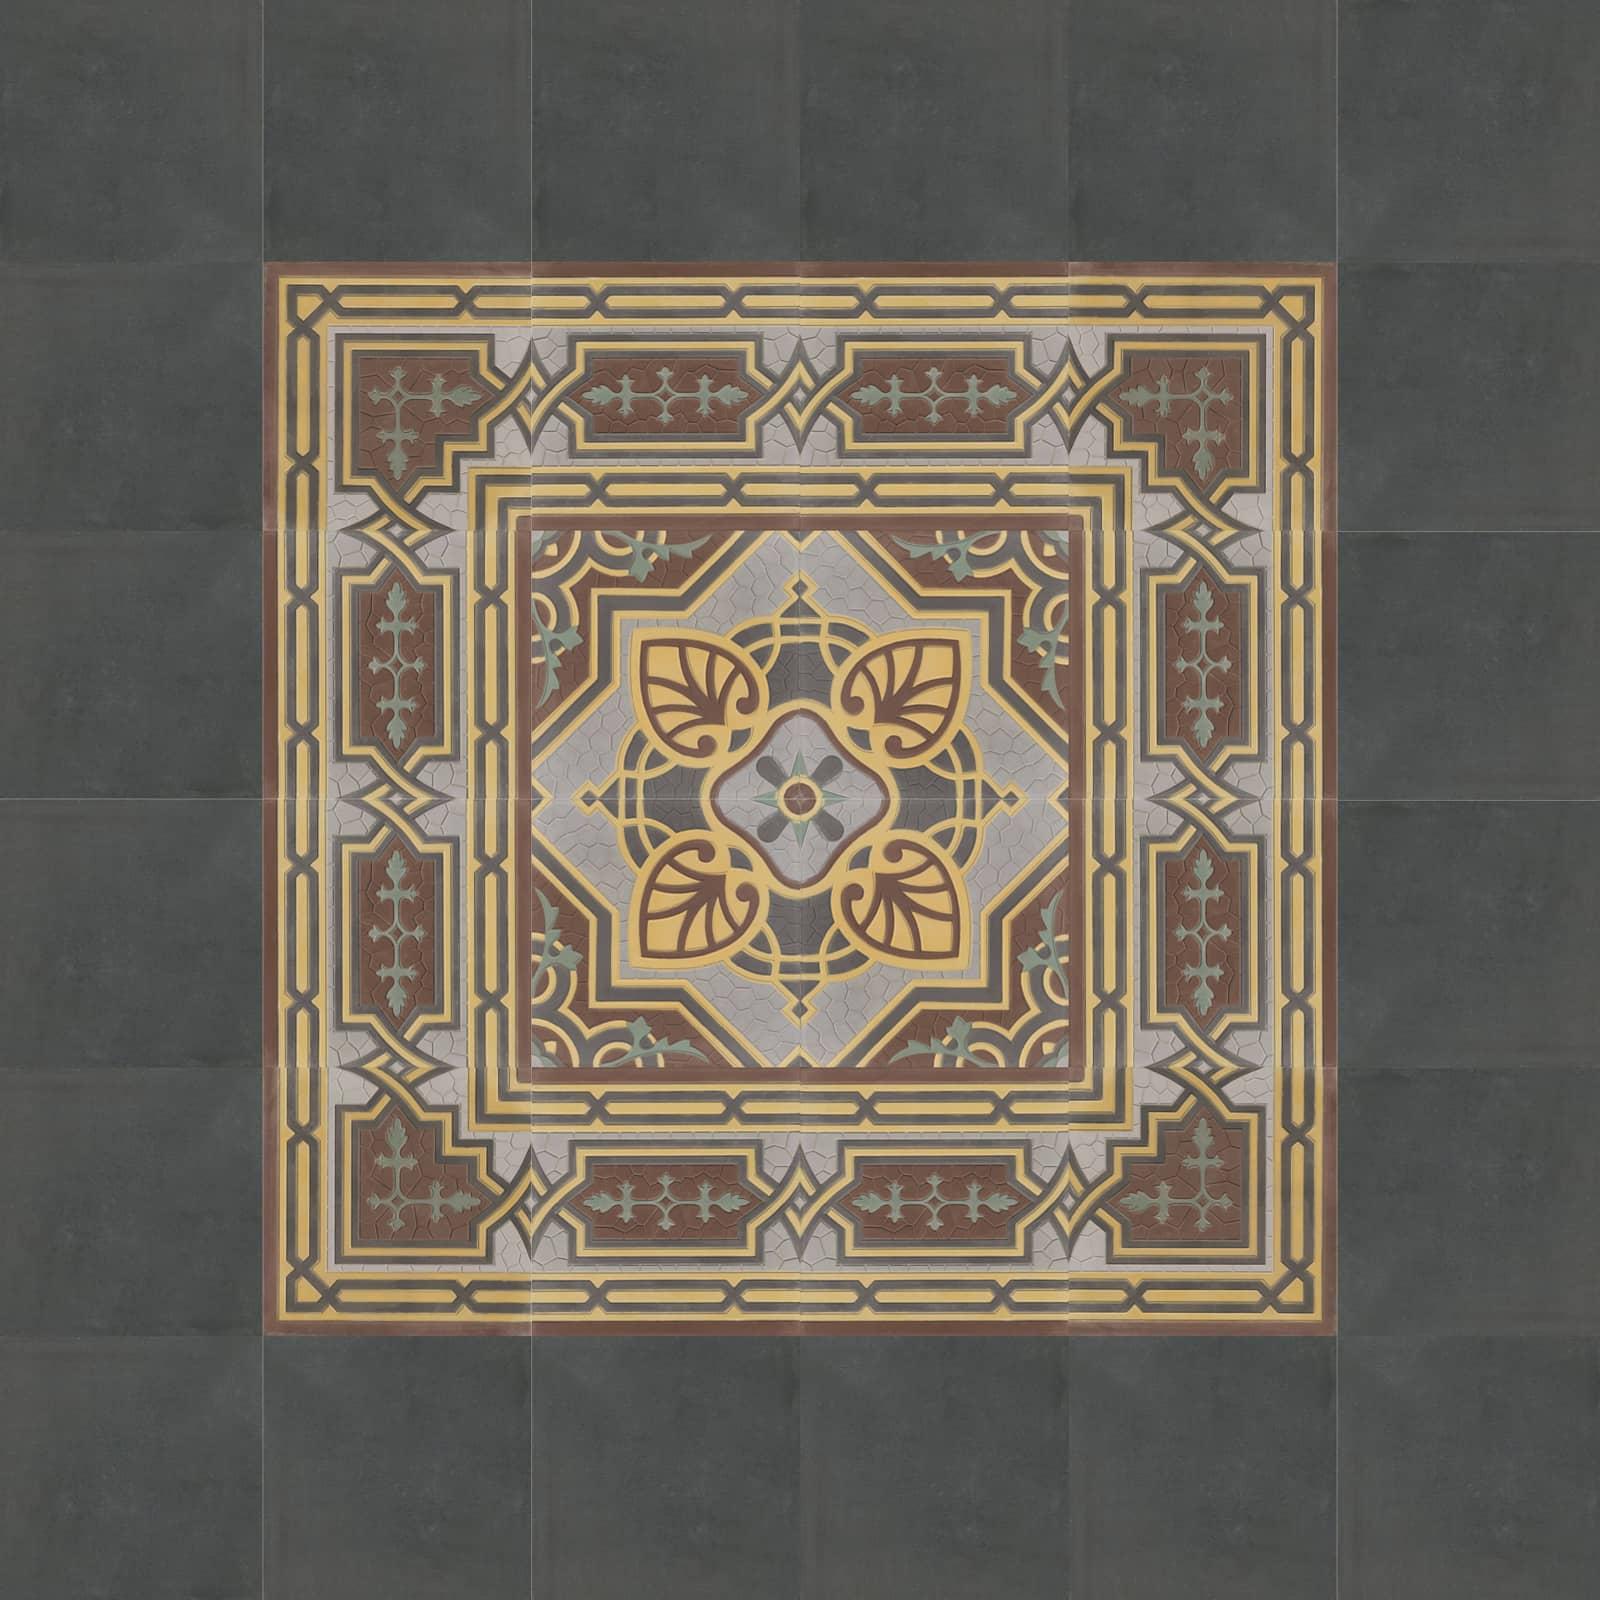 zementfliesen-terrazzofliesen-kreidefarbe-terrazzo-fugenlos-viaplatten-41071-verlegemuster-61 | 41071